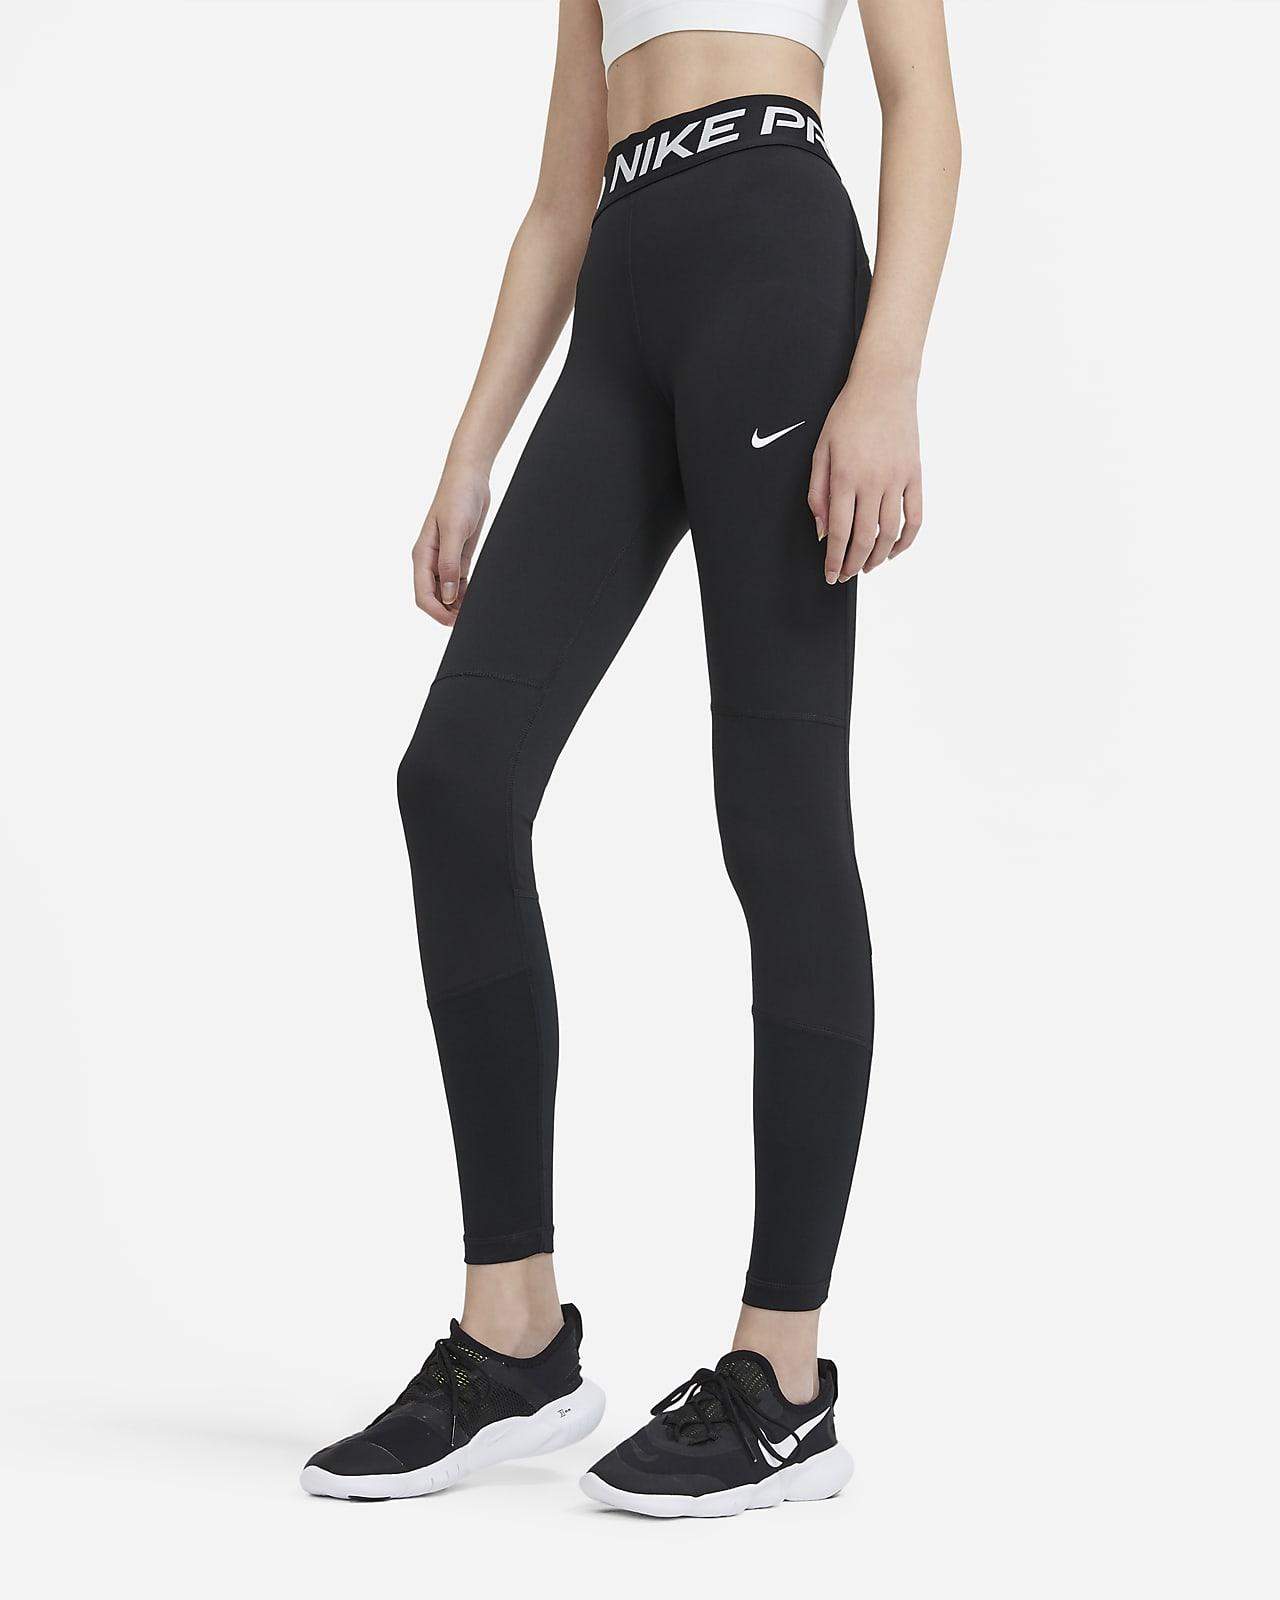 Nike Pro Older Kids' (Girls') Leggings